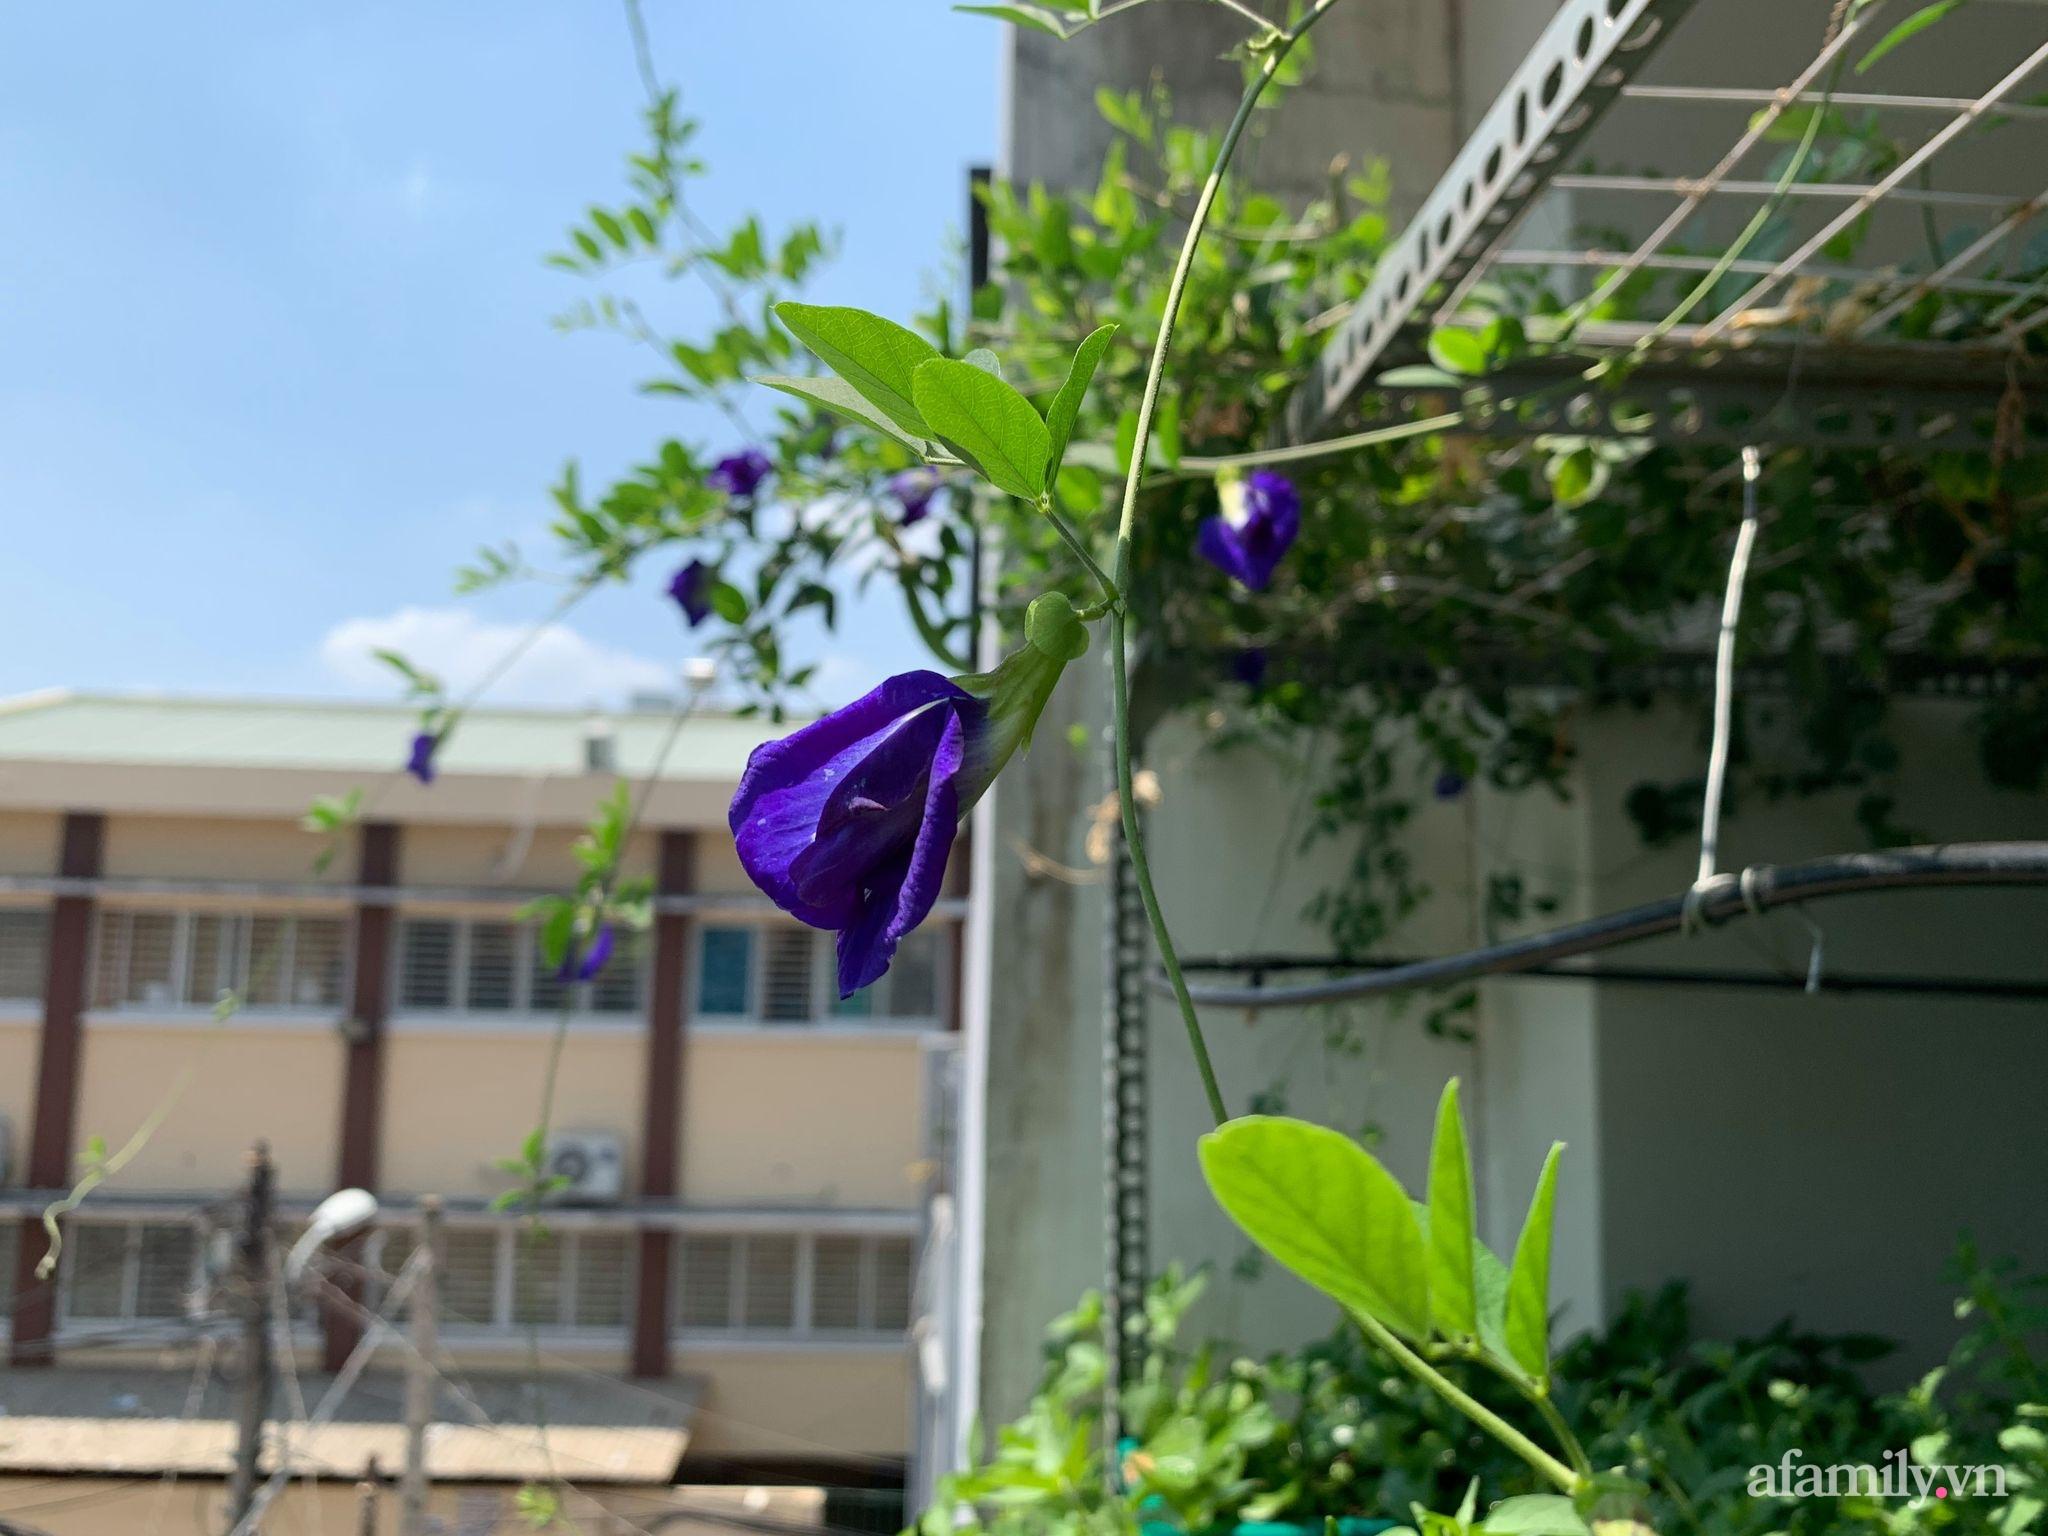 Ban công 3m² phủ kín rau sạch quanh năm tươi tốt của ông bố đảm 3 con ở Bình Thạnh, Sài Gòn - Ảnh 12.